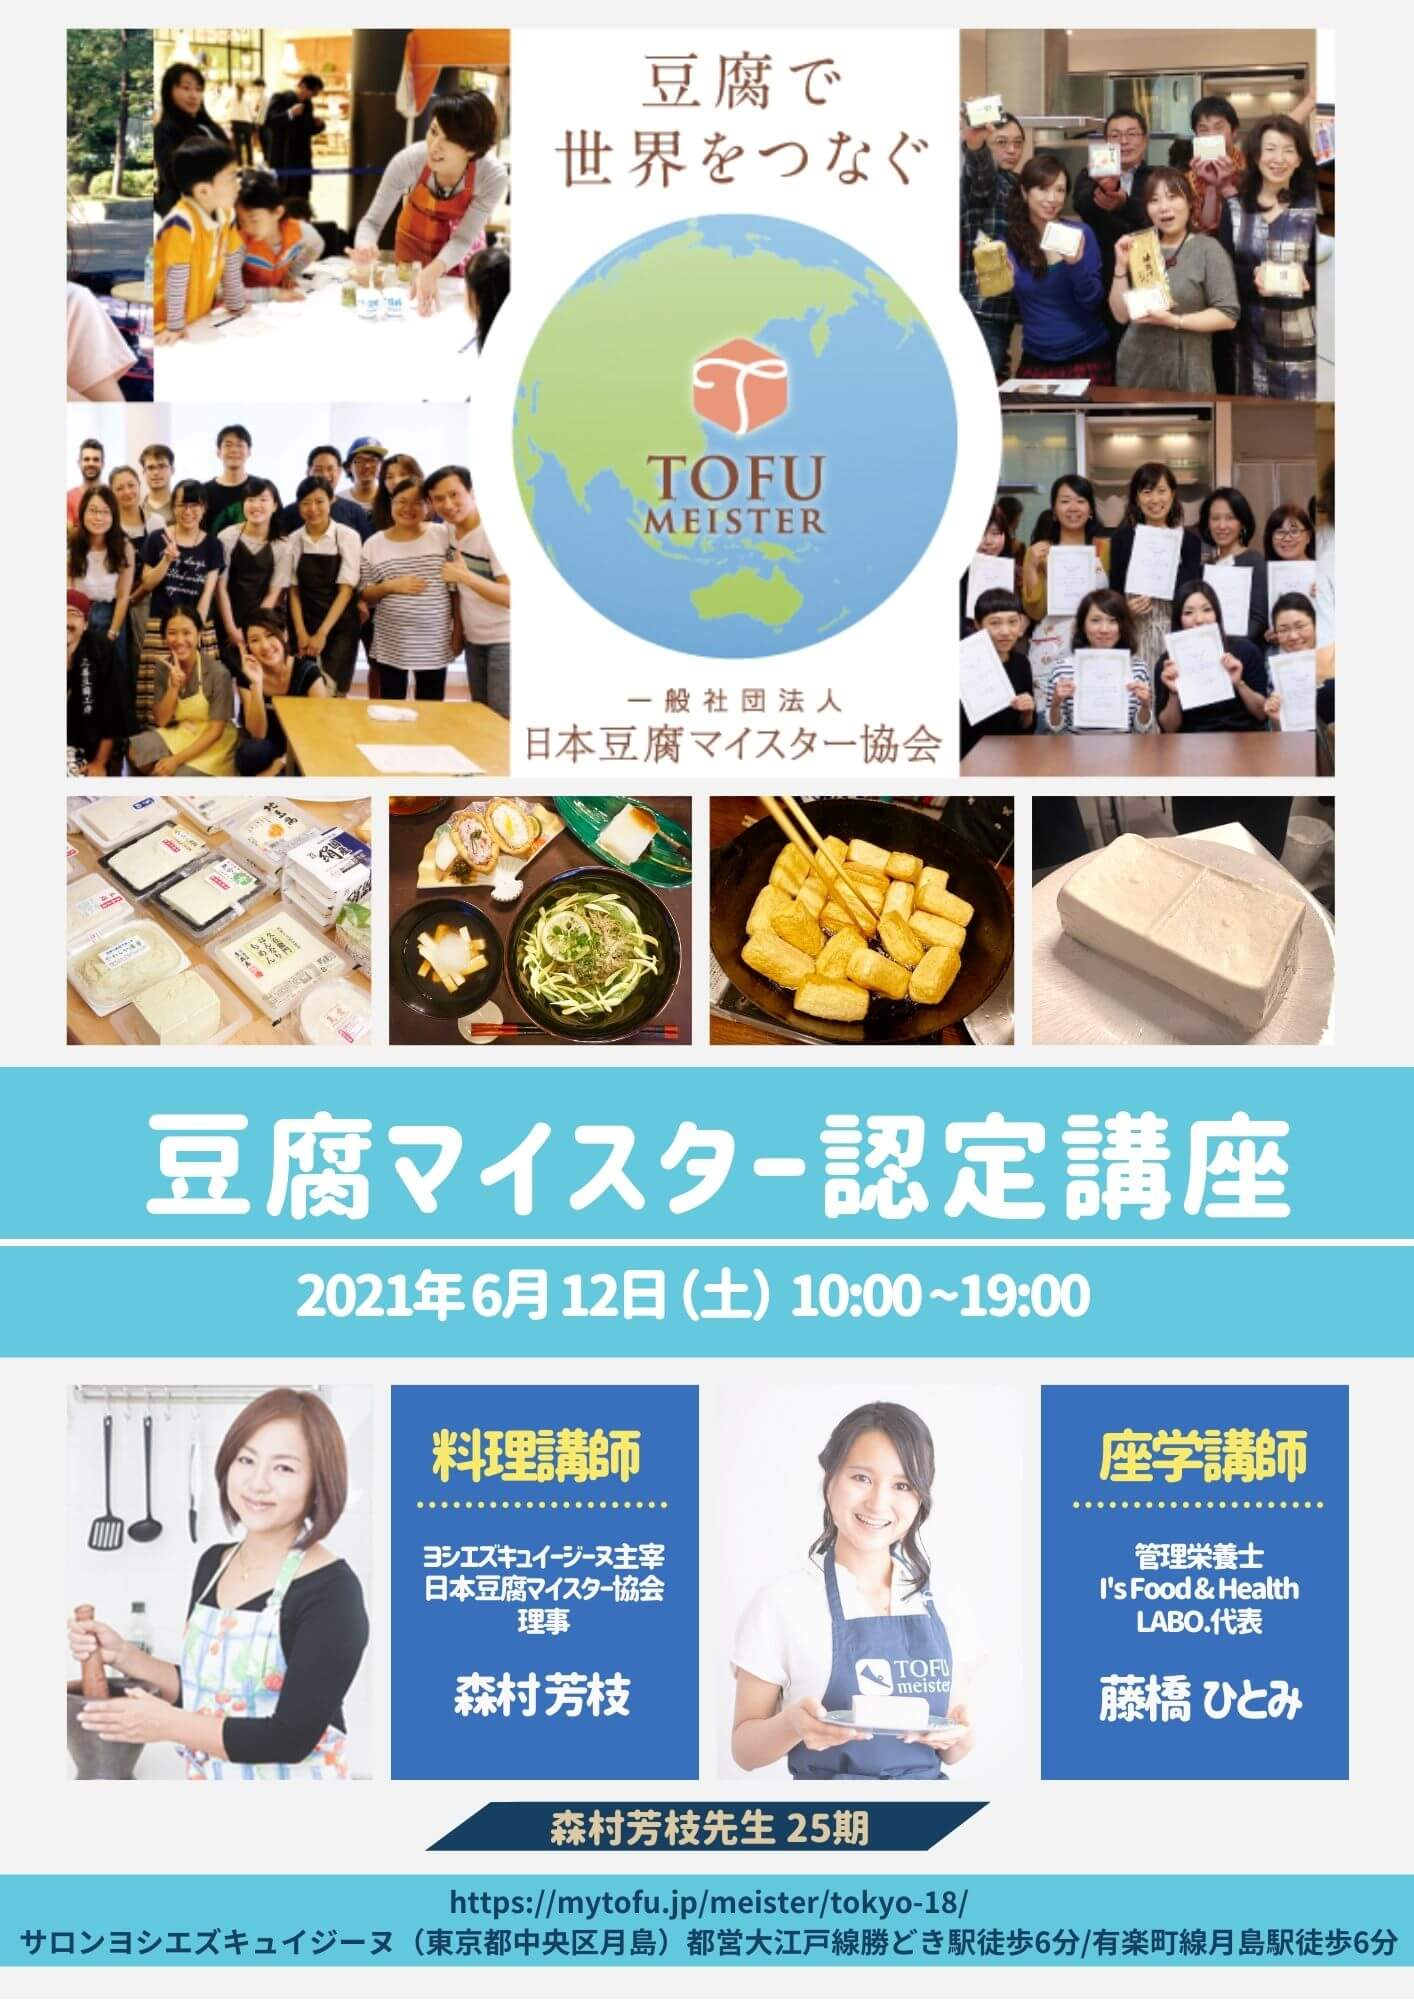 豆腐マイスター認定講座 東京 2021年6月 森村芳枝 藤橋ひとみ